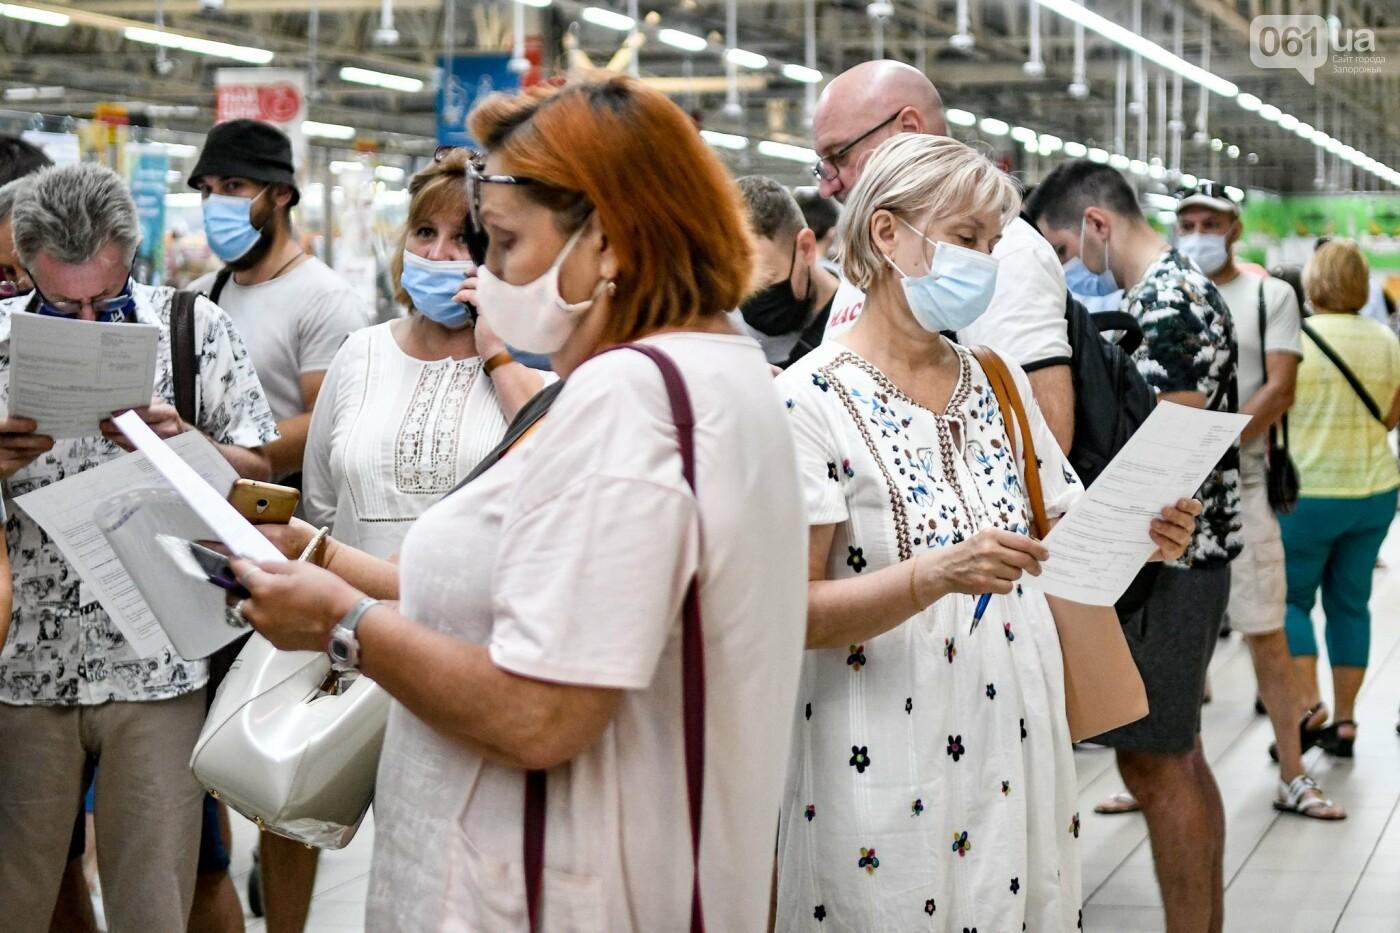 """В Запорожье в """"CITY MALL"""" открылся центр вакцинации: прививают Pfizer, сотни людей стоят в очереди, - ФОТОРЕПОРТАЖ , фото-1"""